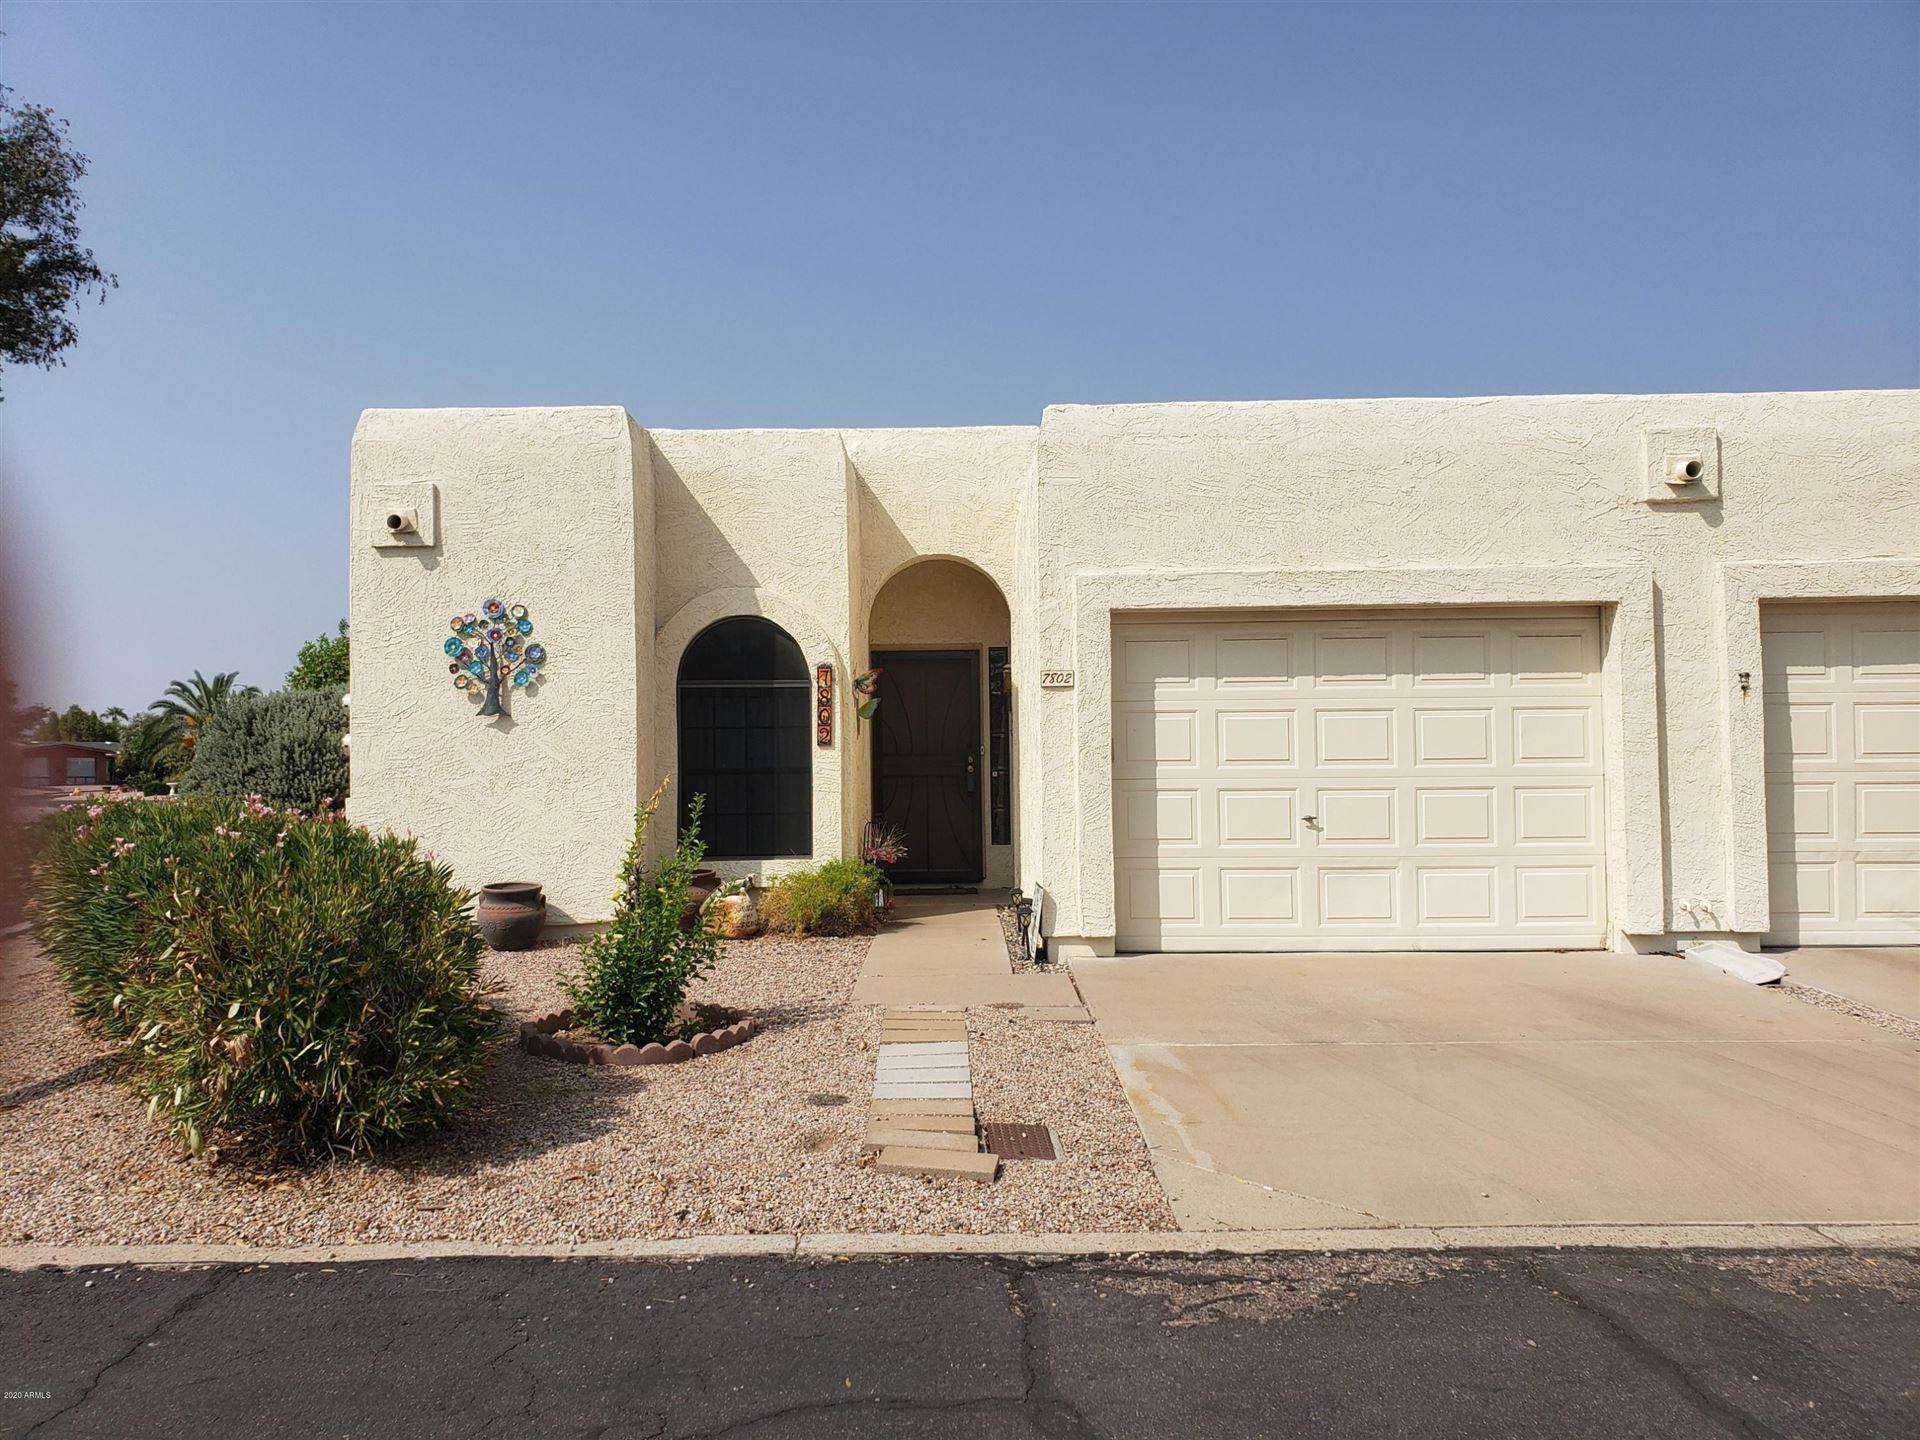 7802 E PARK VIEW Drive, Mesa, AZ 85208 - MLS#: 6134365